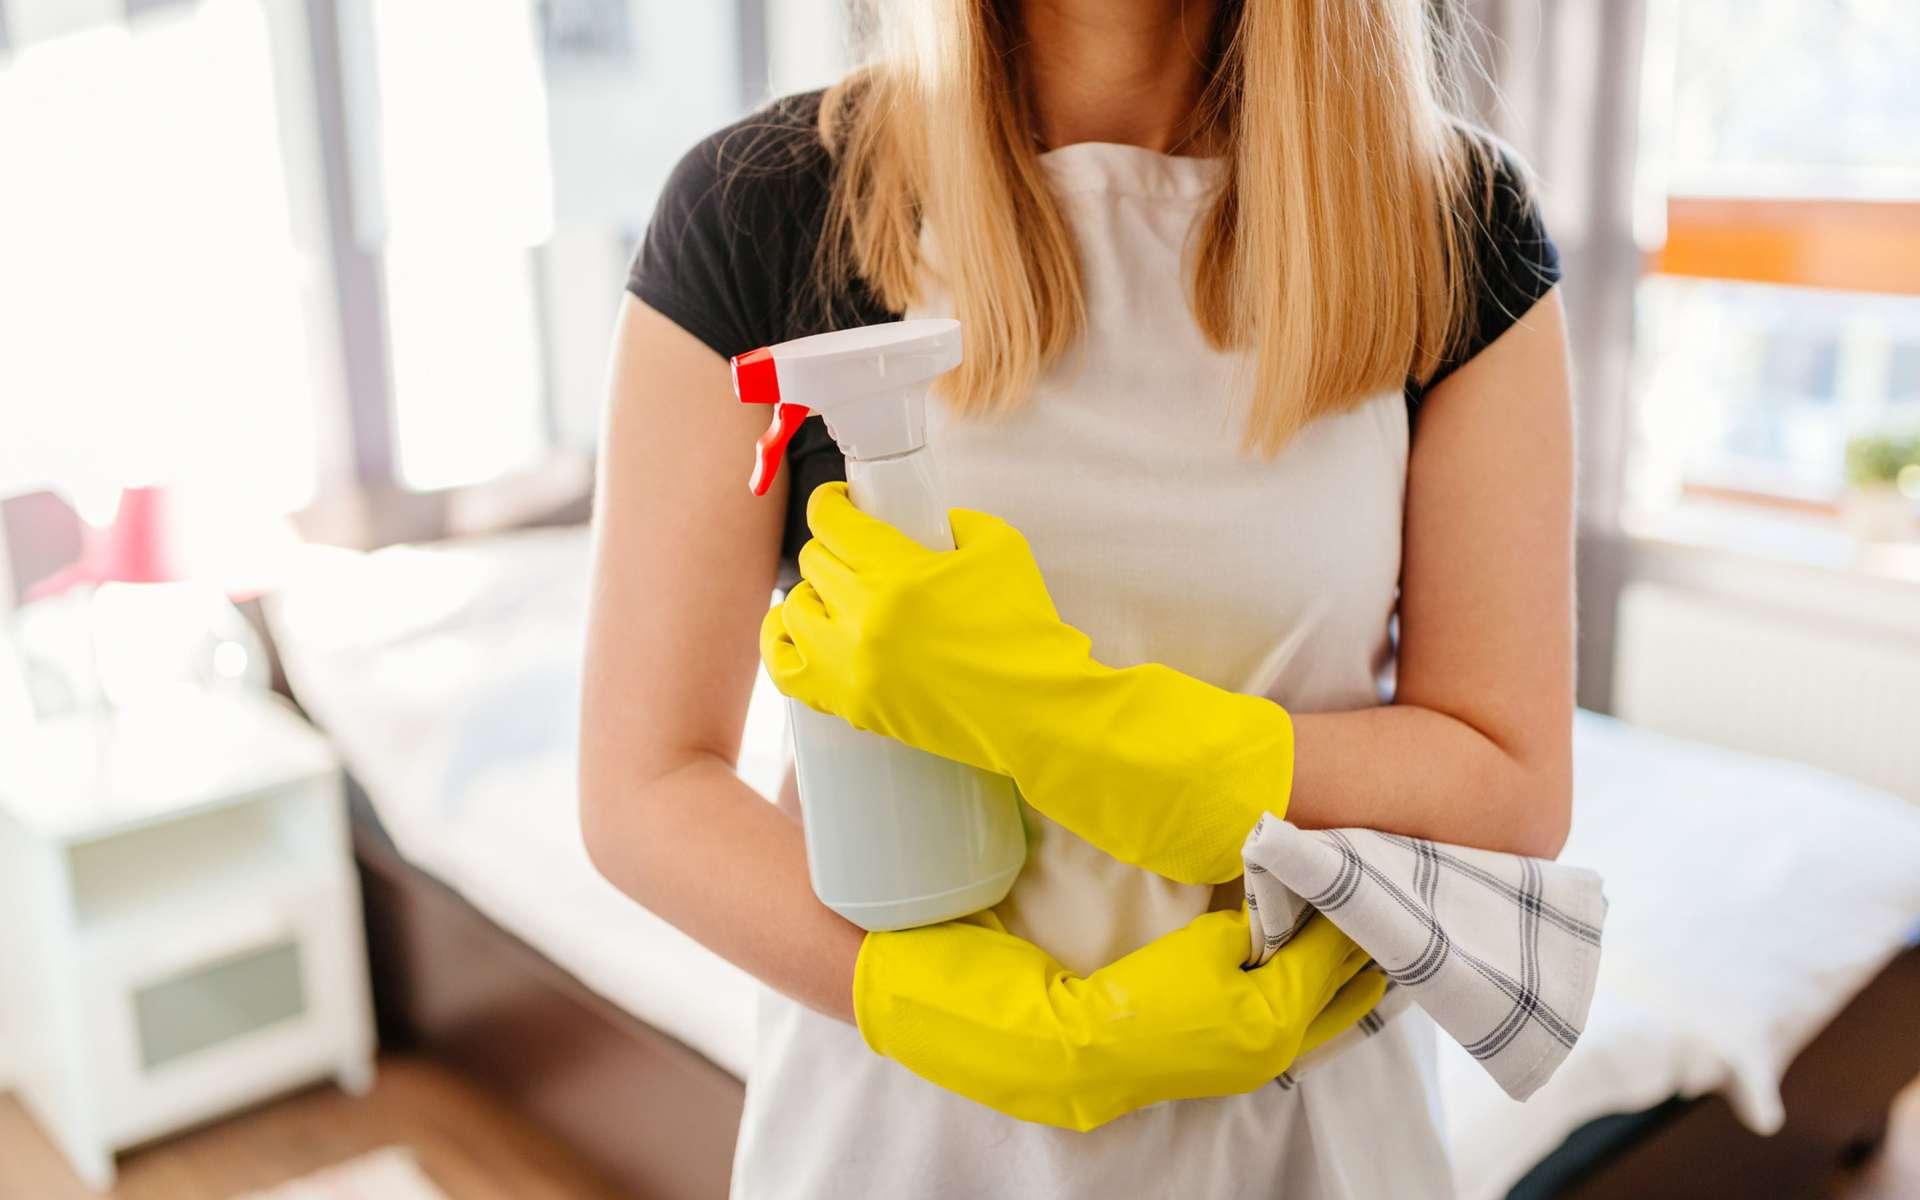 Les français ont au moins un pesticide dans leur maison. © djedzura, IStock.com